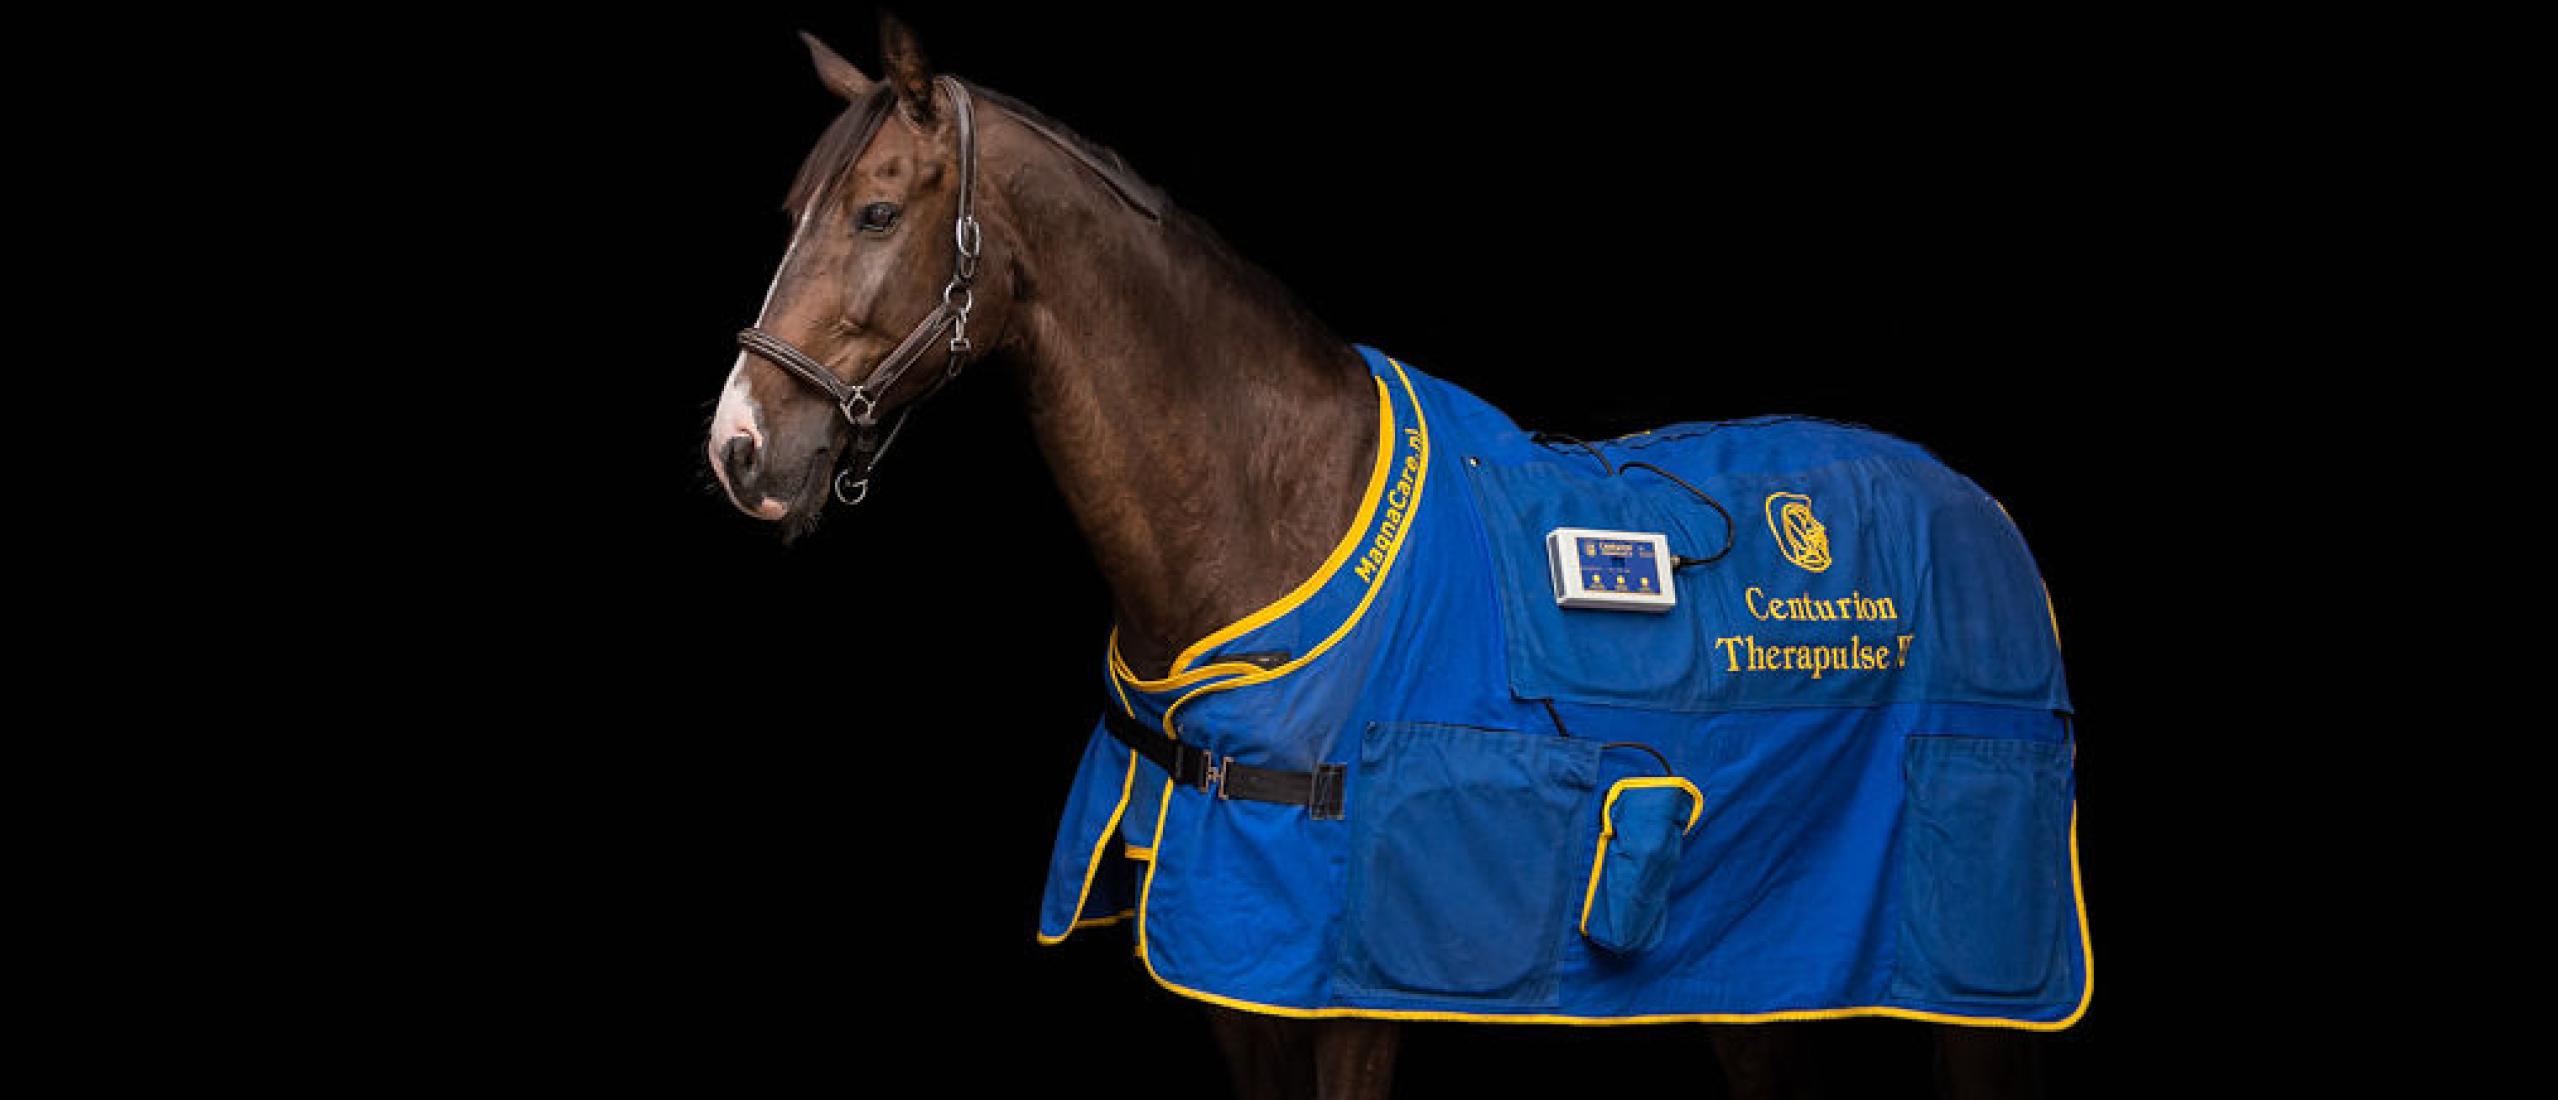 Pulserend magneetveld therapie, de dagelijkse wellness voor (sport)paarden